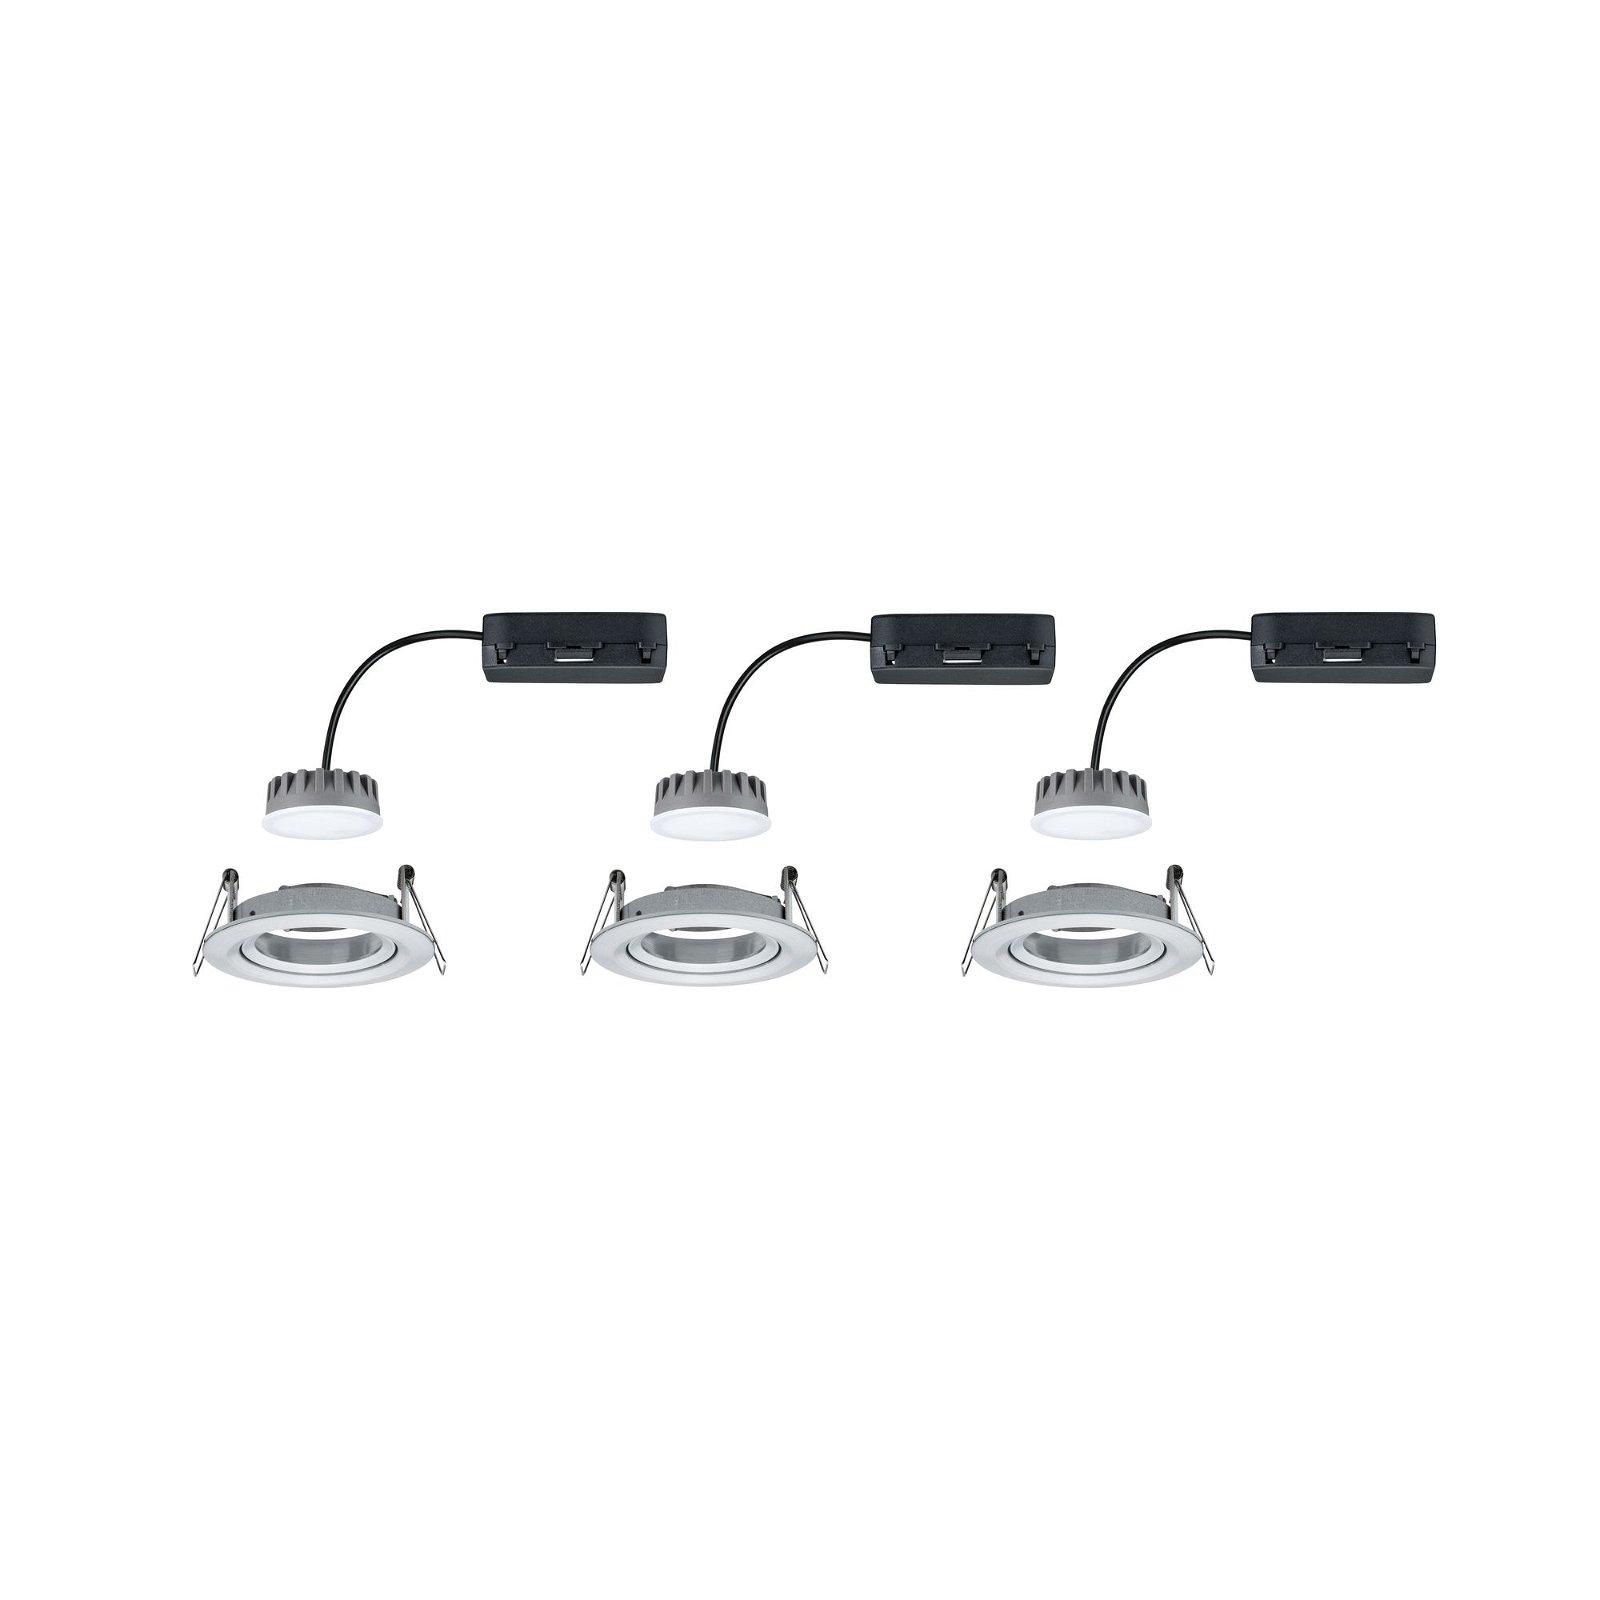 LED-inbouwlamp Nova Plus Coin Basisset zwenkbaar rond 84mm 50° Coin 3x6,8W 3x425lm 230V 2700K Alu gedraaid